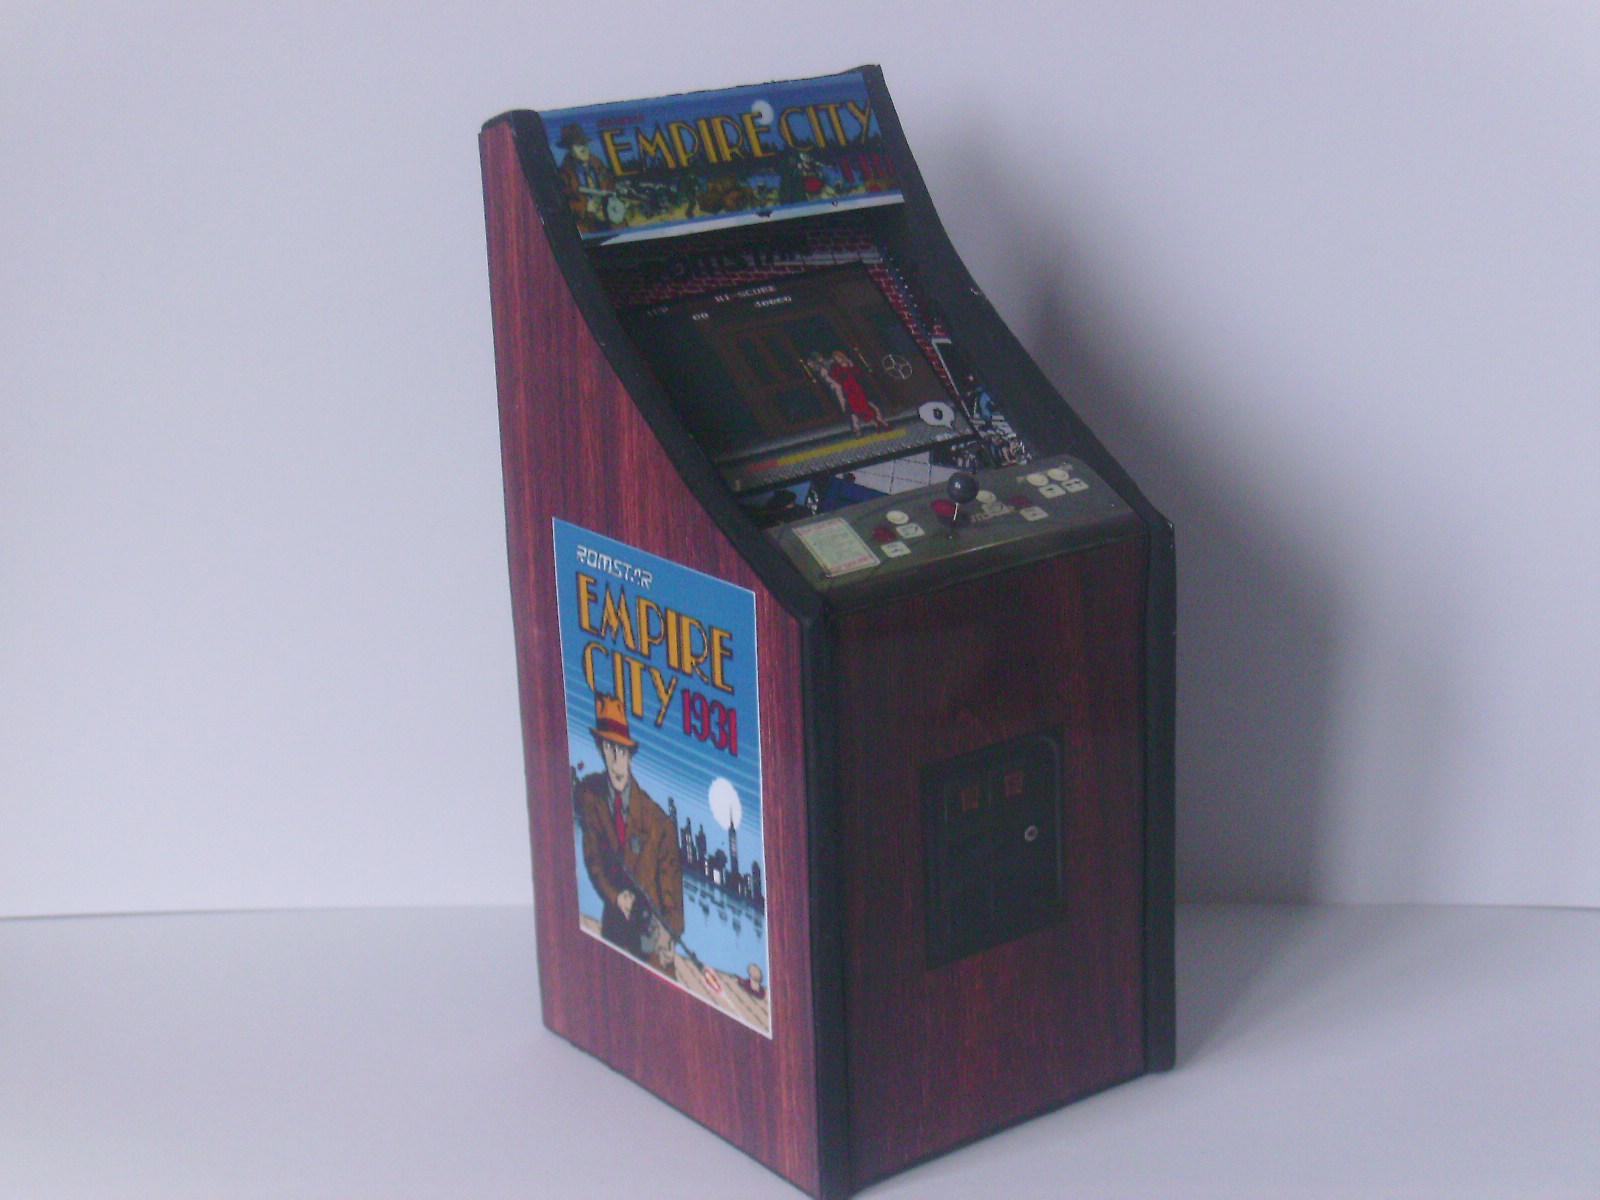 Retro Heart: EMPIRE CITY 1943 Cabaret Cabinet - Scale Arcade Model